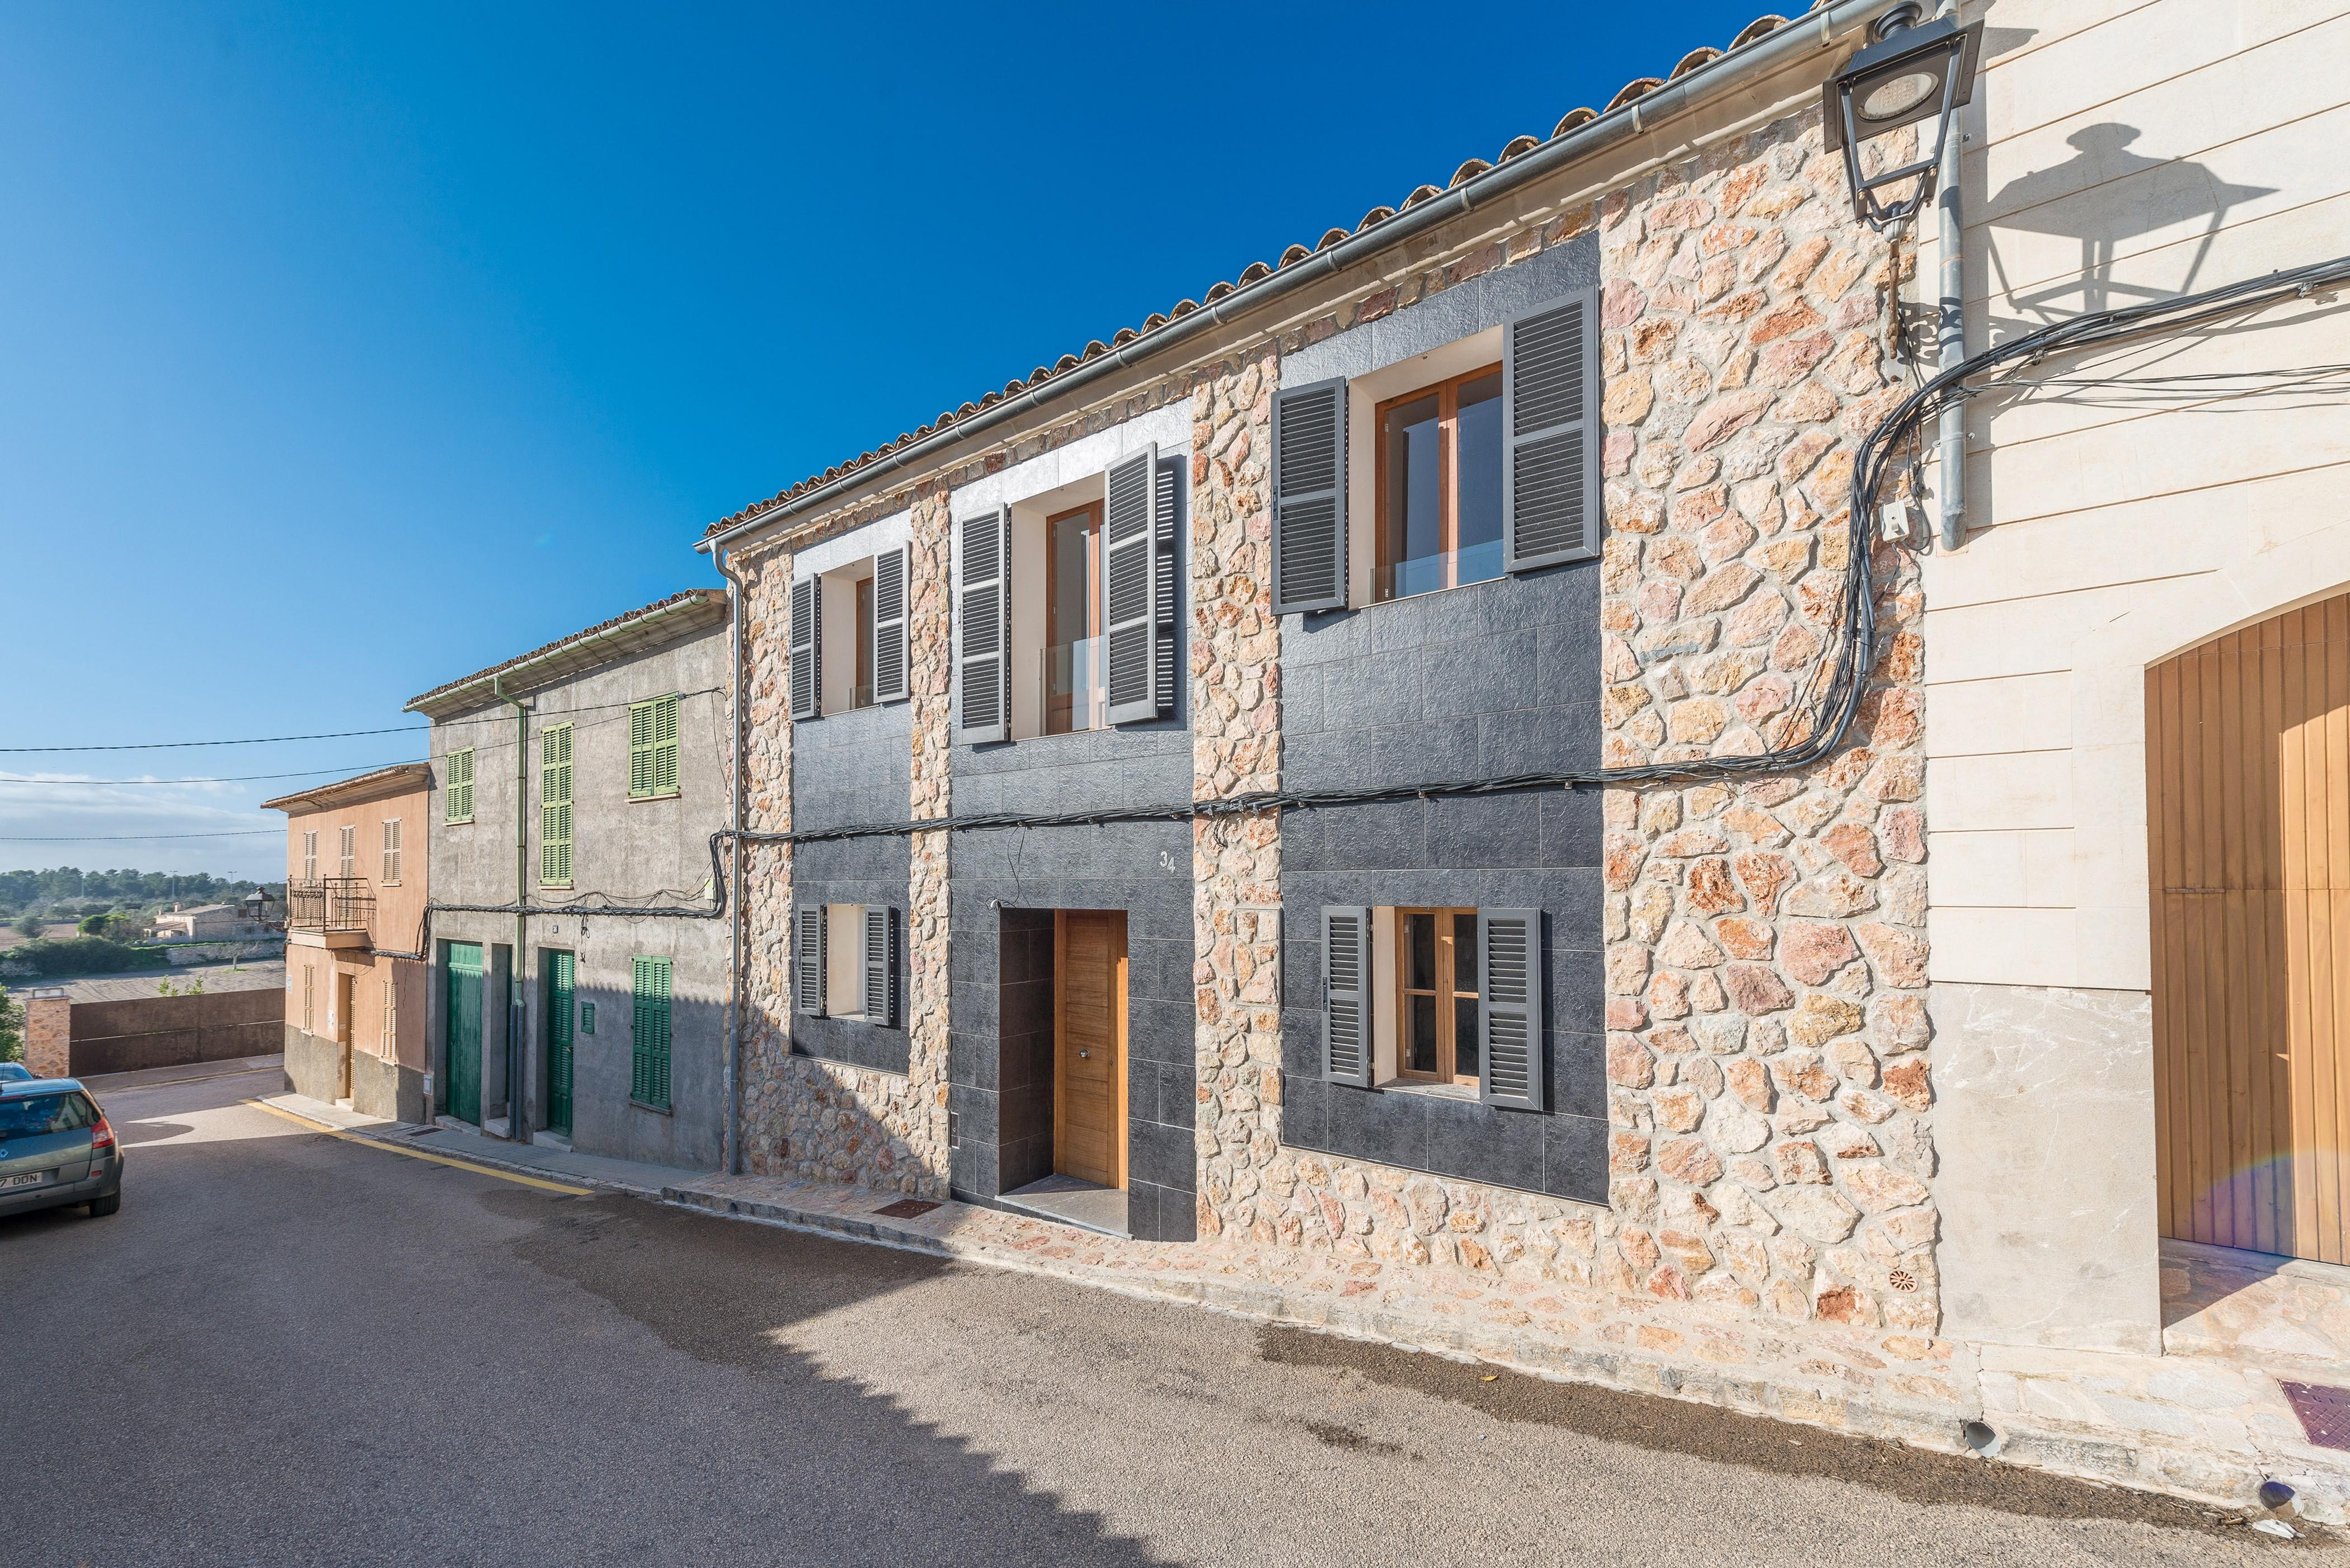 Maison de vacances CAN DOMINGO (2246405), Lloret de Vistalegre, Majorque, Iles Baléares, Espagne, image 31